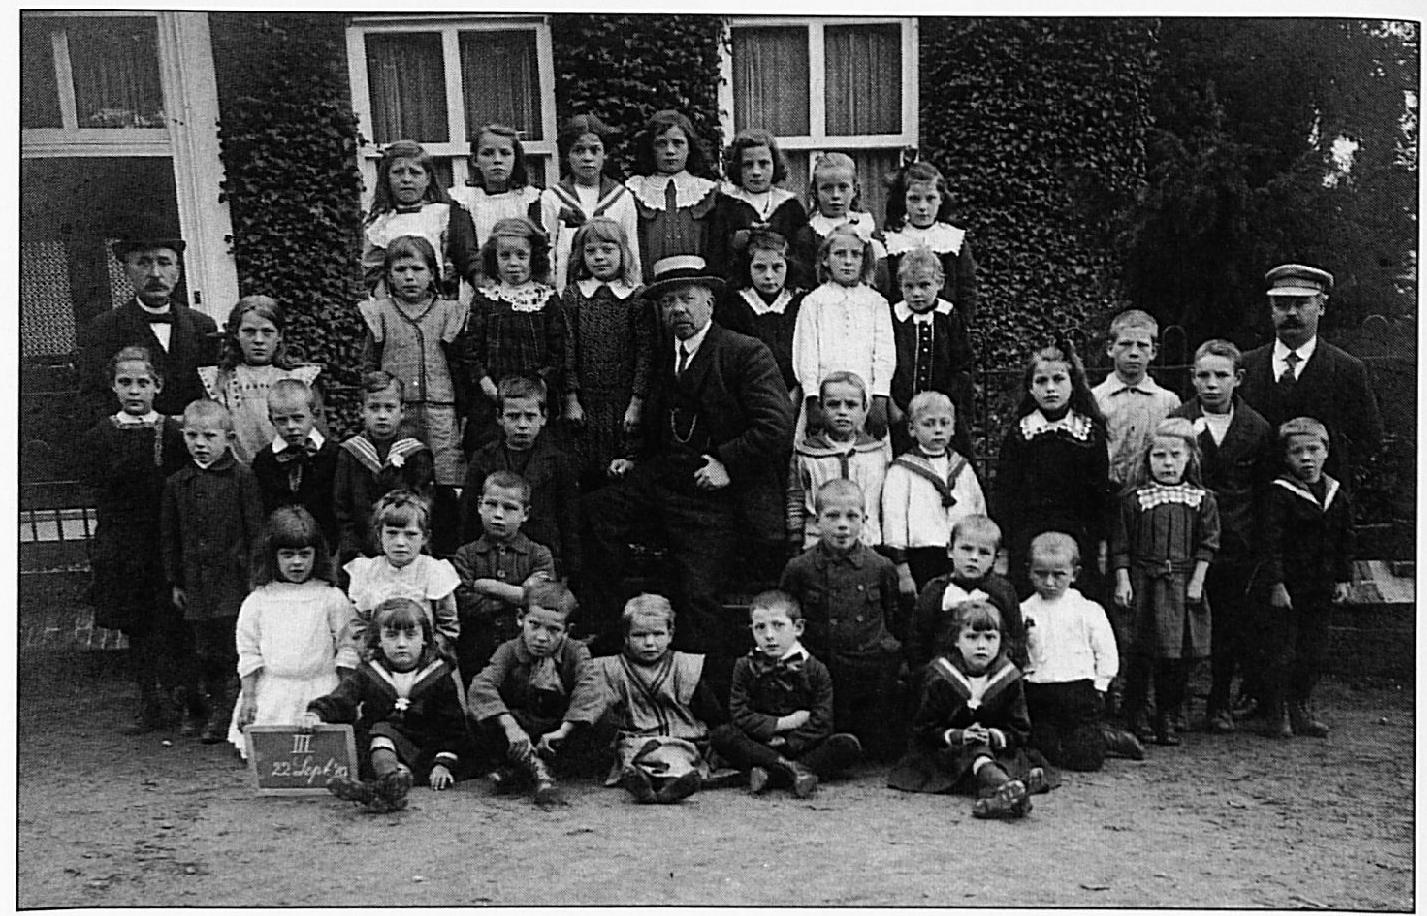 Deze derde schoolfoto van 22 sept. 1919 toont op de achterste rij v.l.n.r.: Anna Laponder, Jaan Peters, Filomeen Maas, Marie Melis, Riek Melis, Gon van Lent, Toos Nijs. Tweede rij van achteren: Meester Vincent, ..... , ..... , Anneke van Lent, Truus Melis(?), Grada Nijs, ..... , ..... Derde rij van achteren: ..... , Thé Melis, Johan van Lent, Harry Maas, .. ... , Meester Otten, Adri Peters, Jo Meijer, Nel Peters, Johan Melis, Cees Peters. Meester Van Oijen, ervoor staan Nellie Peters en Albert van Oijen. Vierde rij van achteren: ..... , ..... , Johan(?) van Kessel, Harry \1elis, Chris Peters, Ernst van Oort(?). Voorste rij: Cato Visser, Toon van Lith, ..... , Marinus Nijs, Riek Visser.